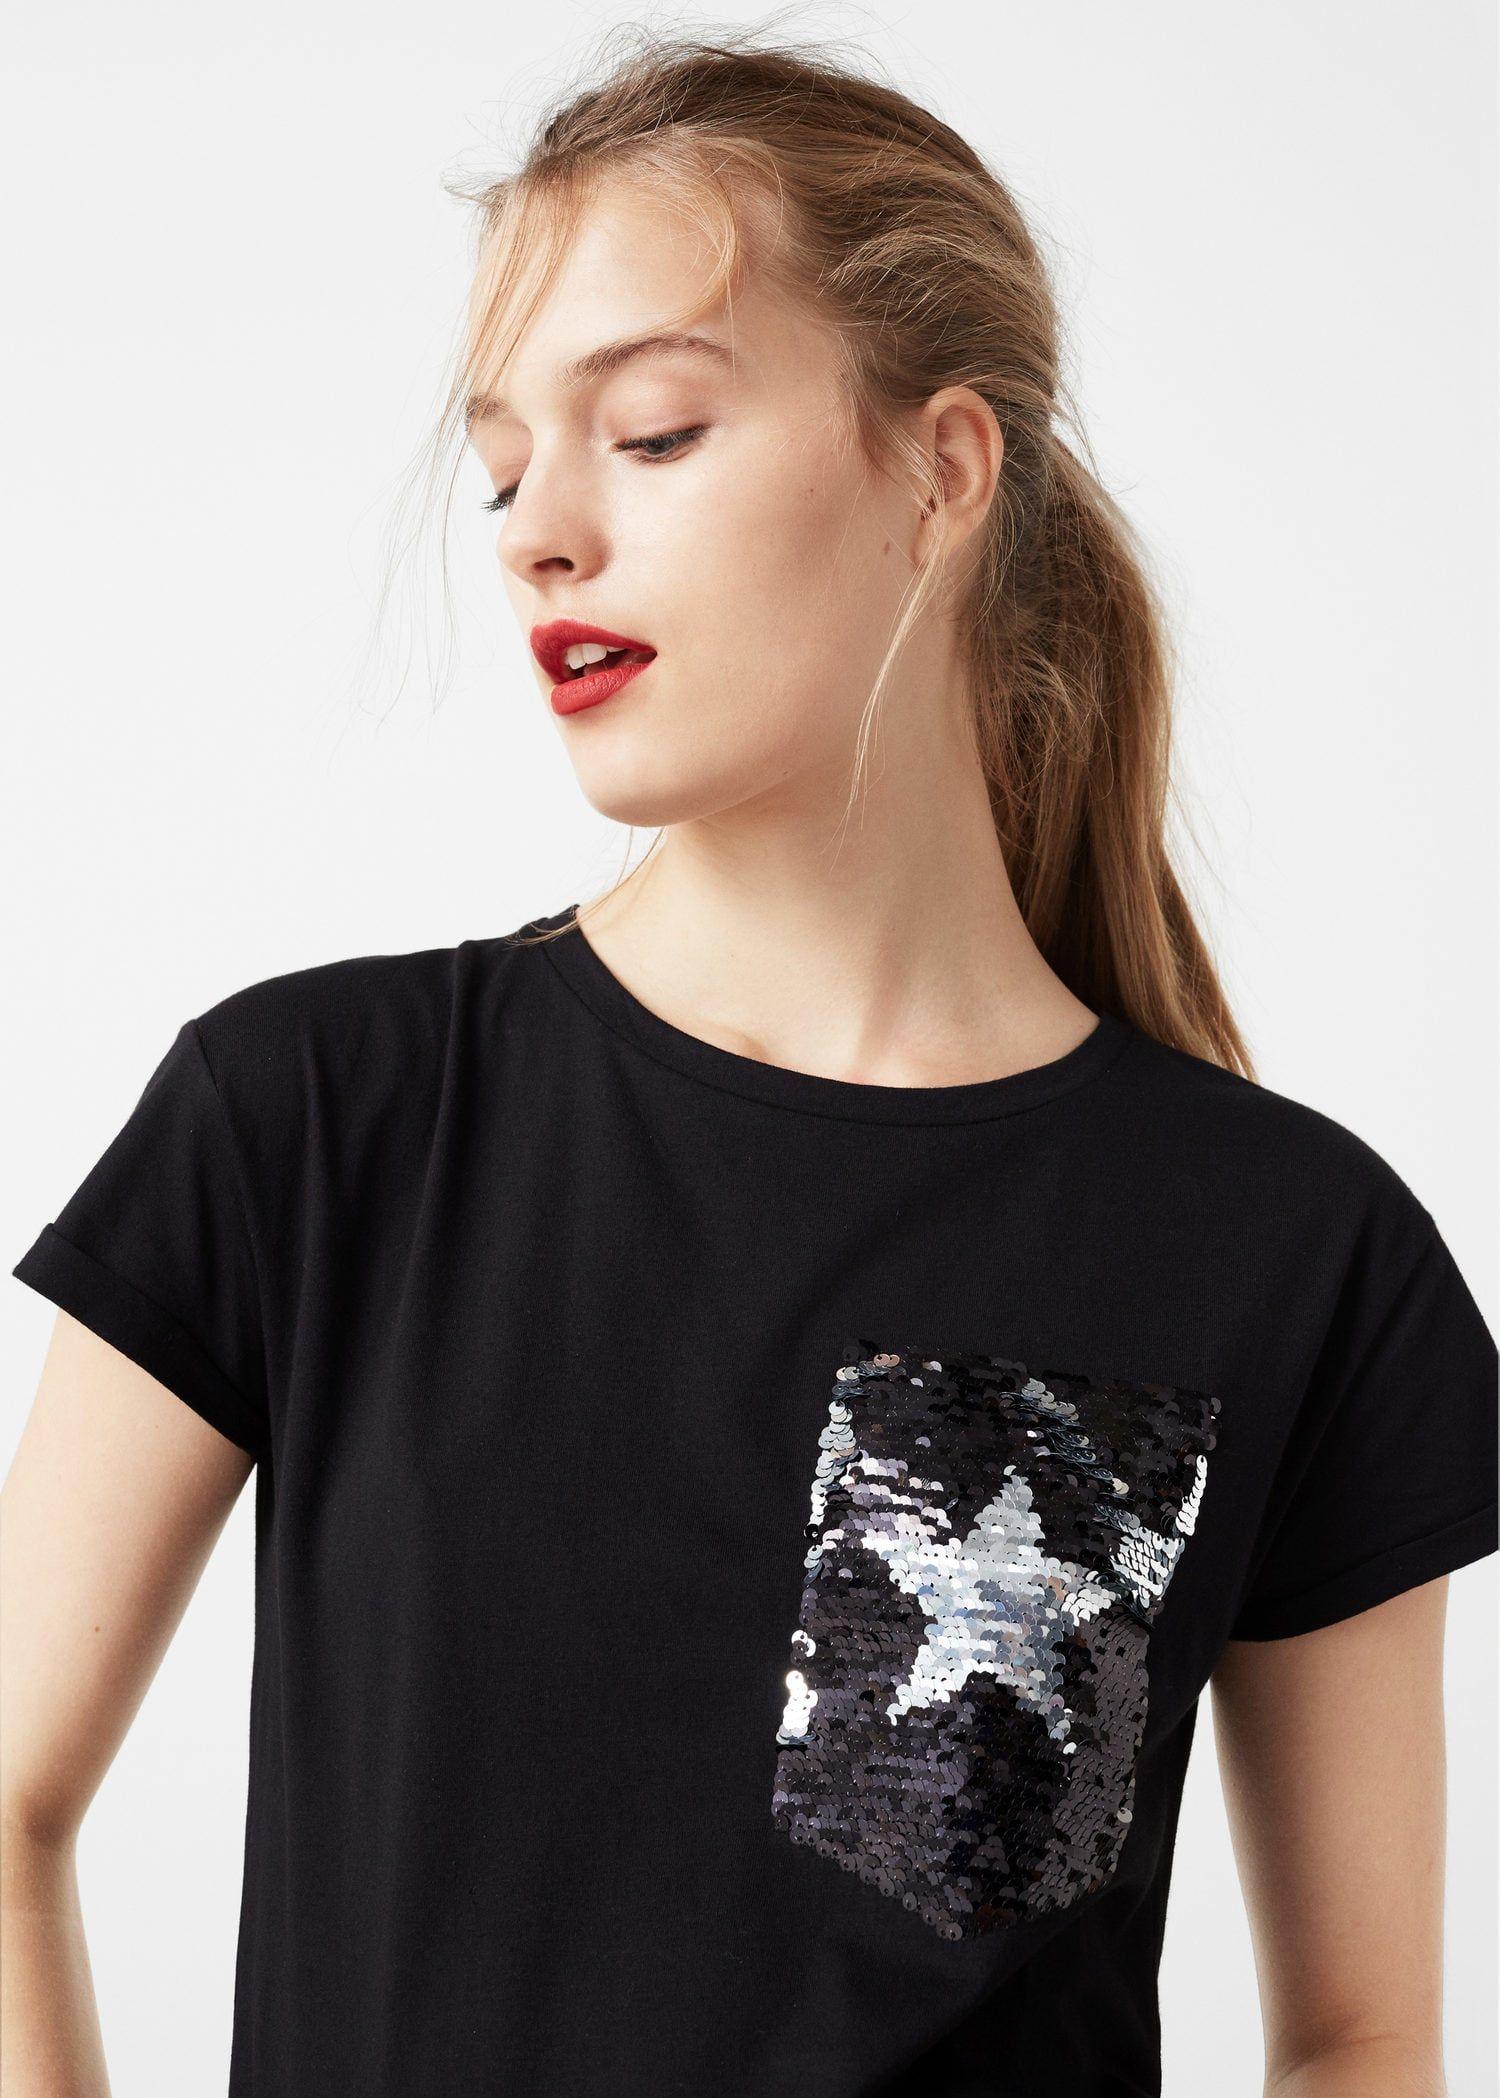 precio atractivo mayor selección de 2019 fina artesanía Camiseta lentejuelas reversibles - Mujer | Moda en 2019 ...